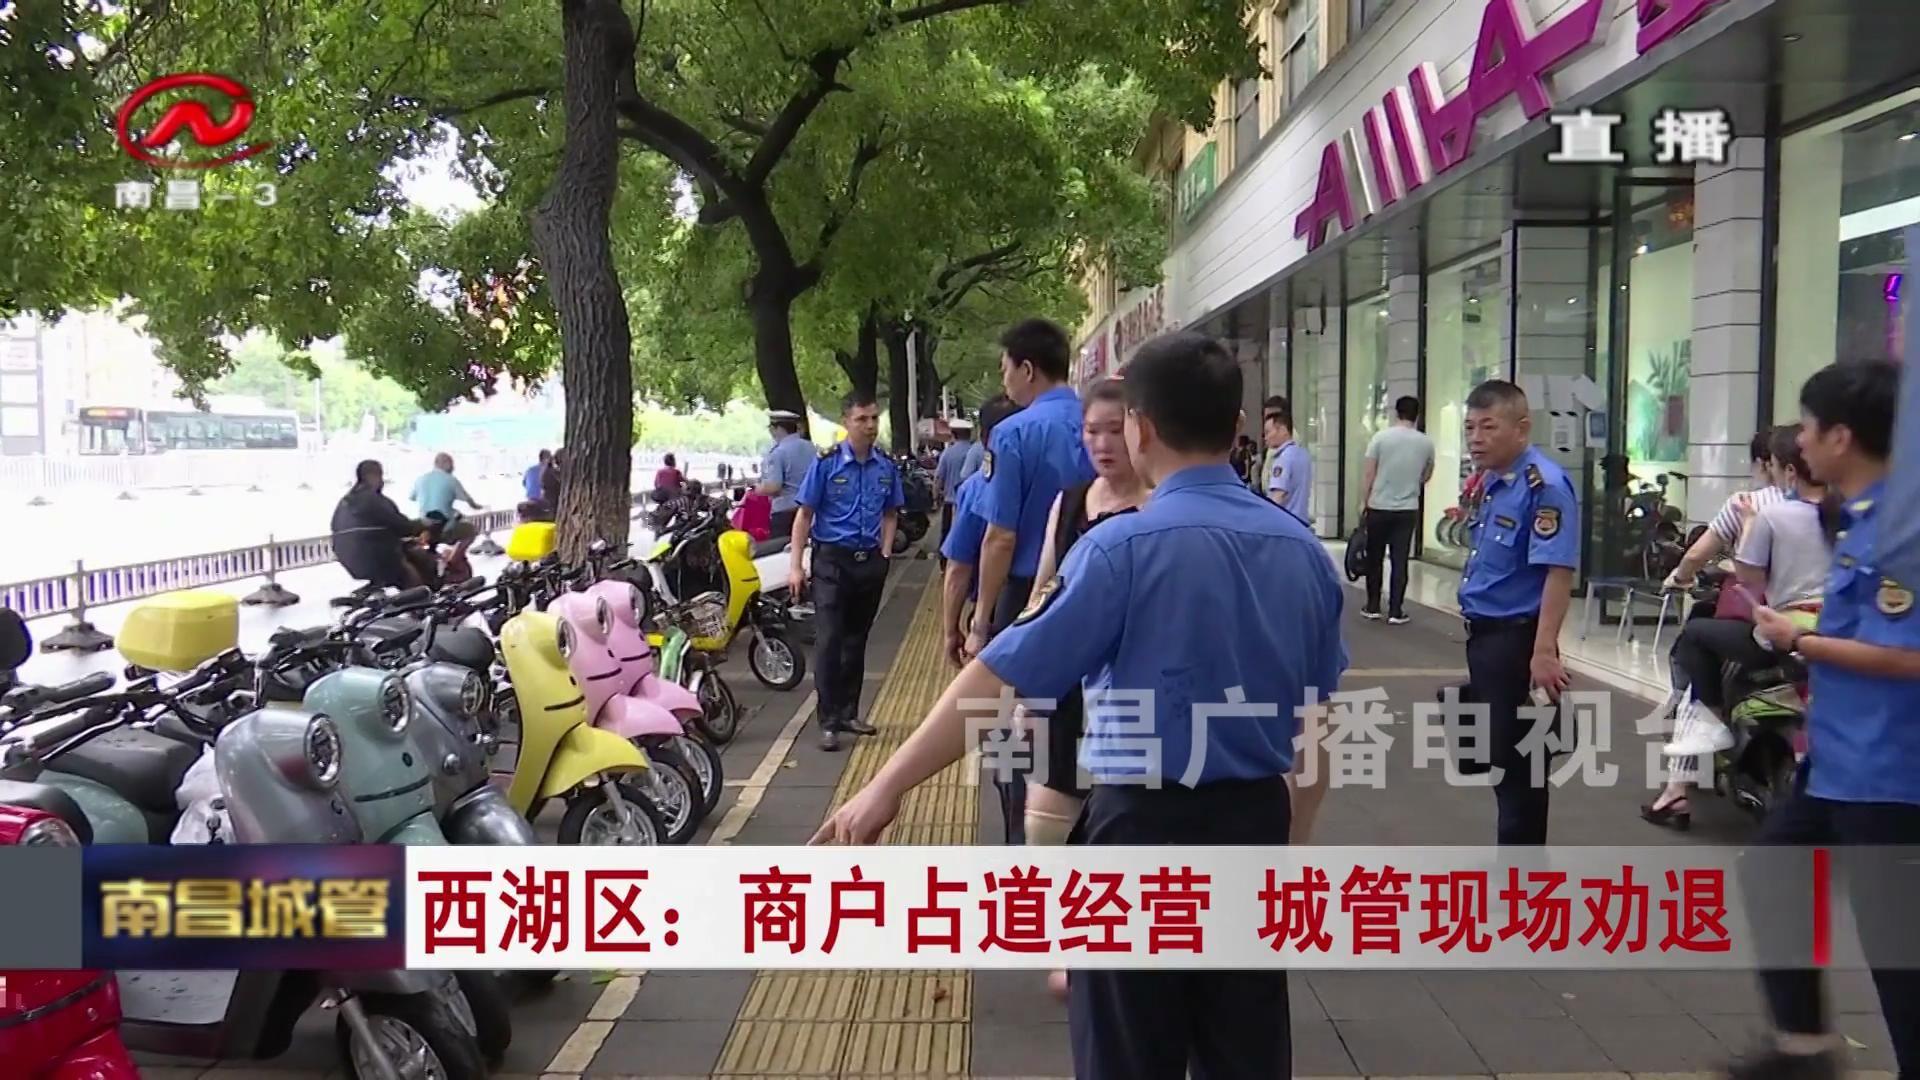 【城管新闻】西湖区:商户占道经营 城管现场劝退